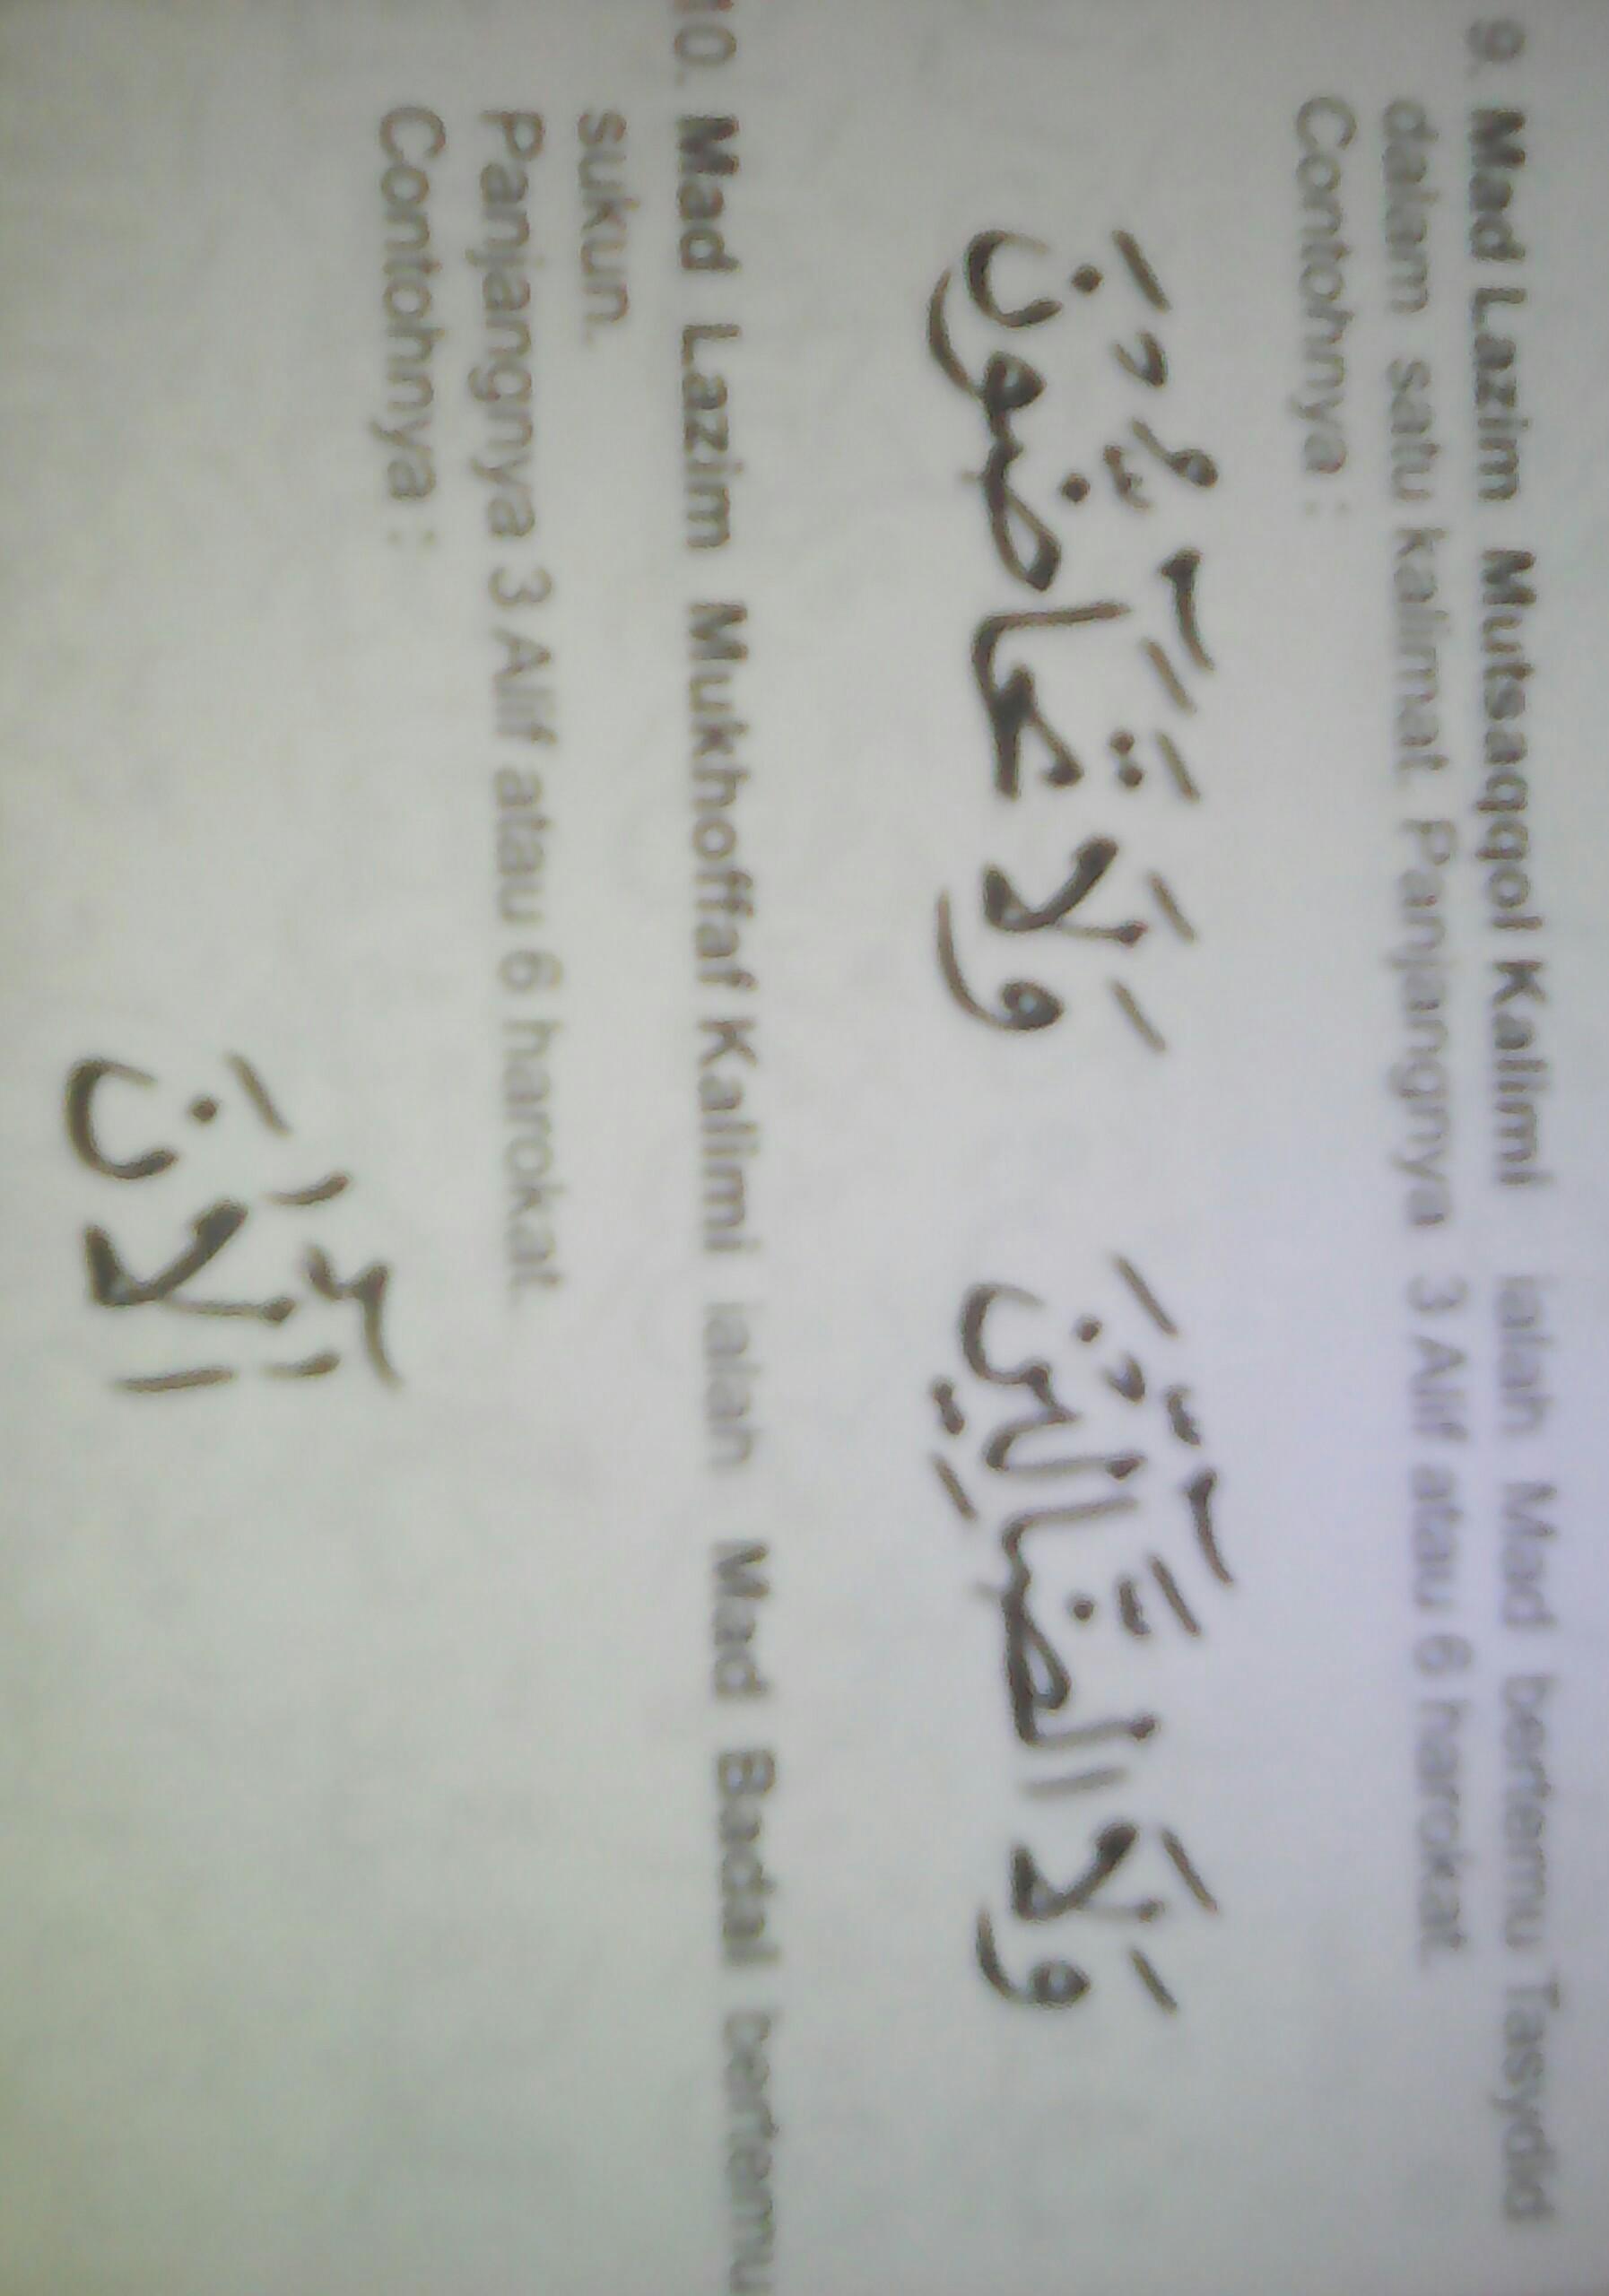 Contoh Mad Lazim Mutsaqol Kalimi : contoh, lazim, mutsaqol, kalimi, Sebutkan, Contoh, Lazim, Musaqqol, Kilmi, Mukhaffaf, Kirim, Photonya, Brainly.co.id